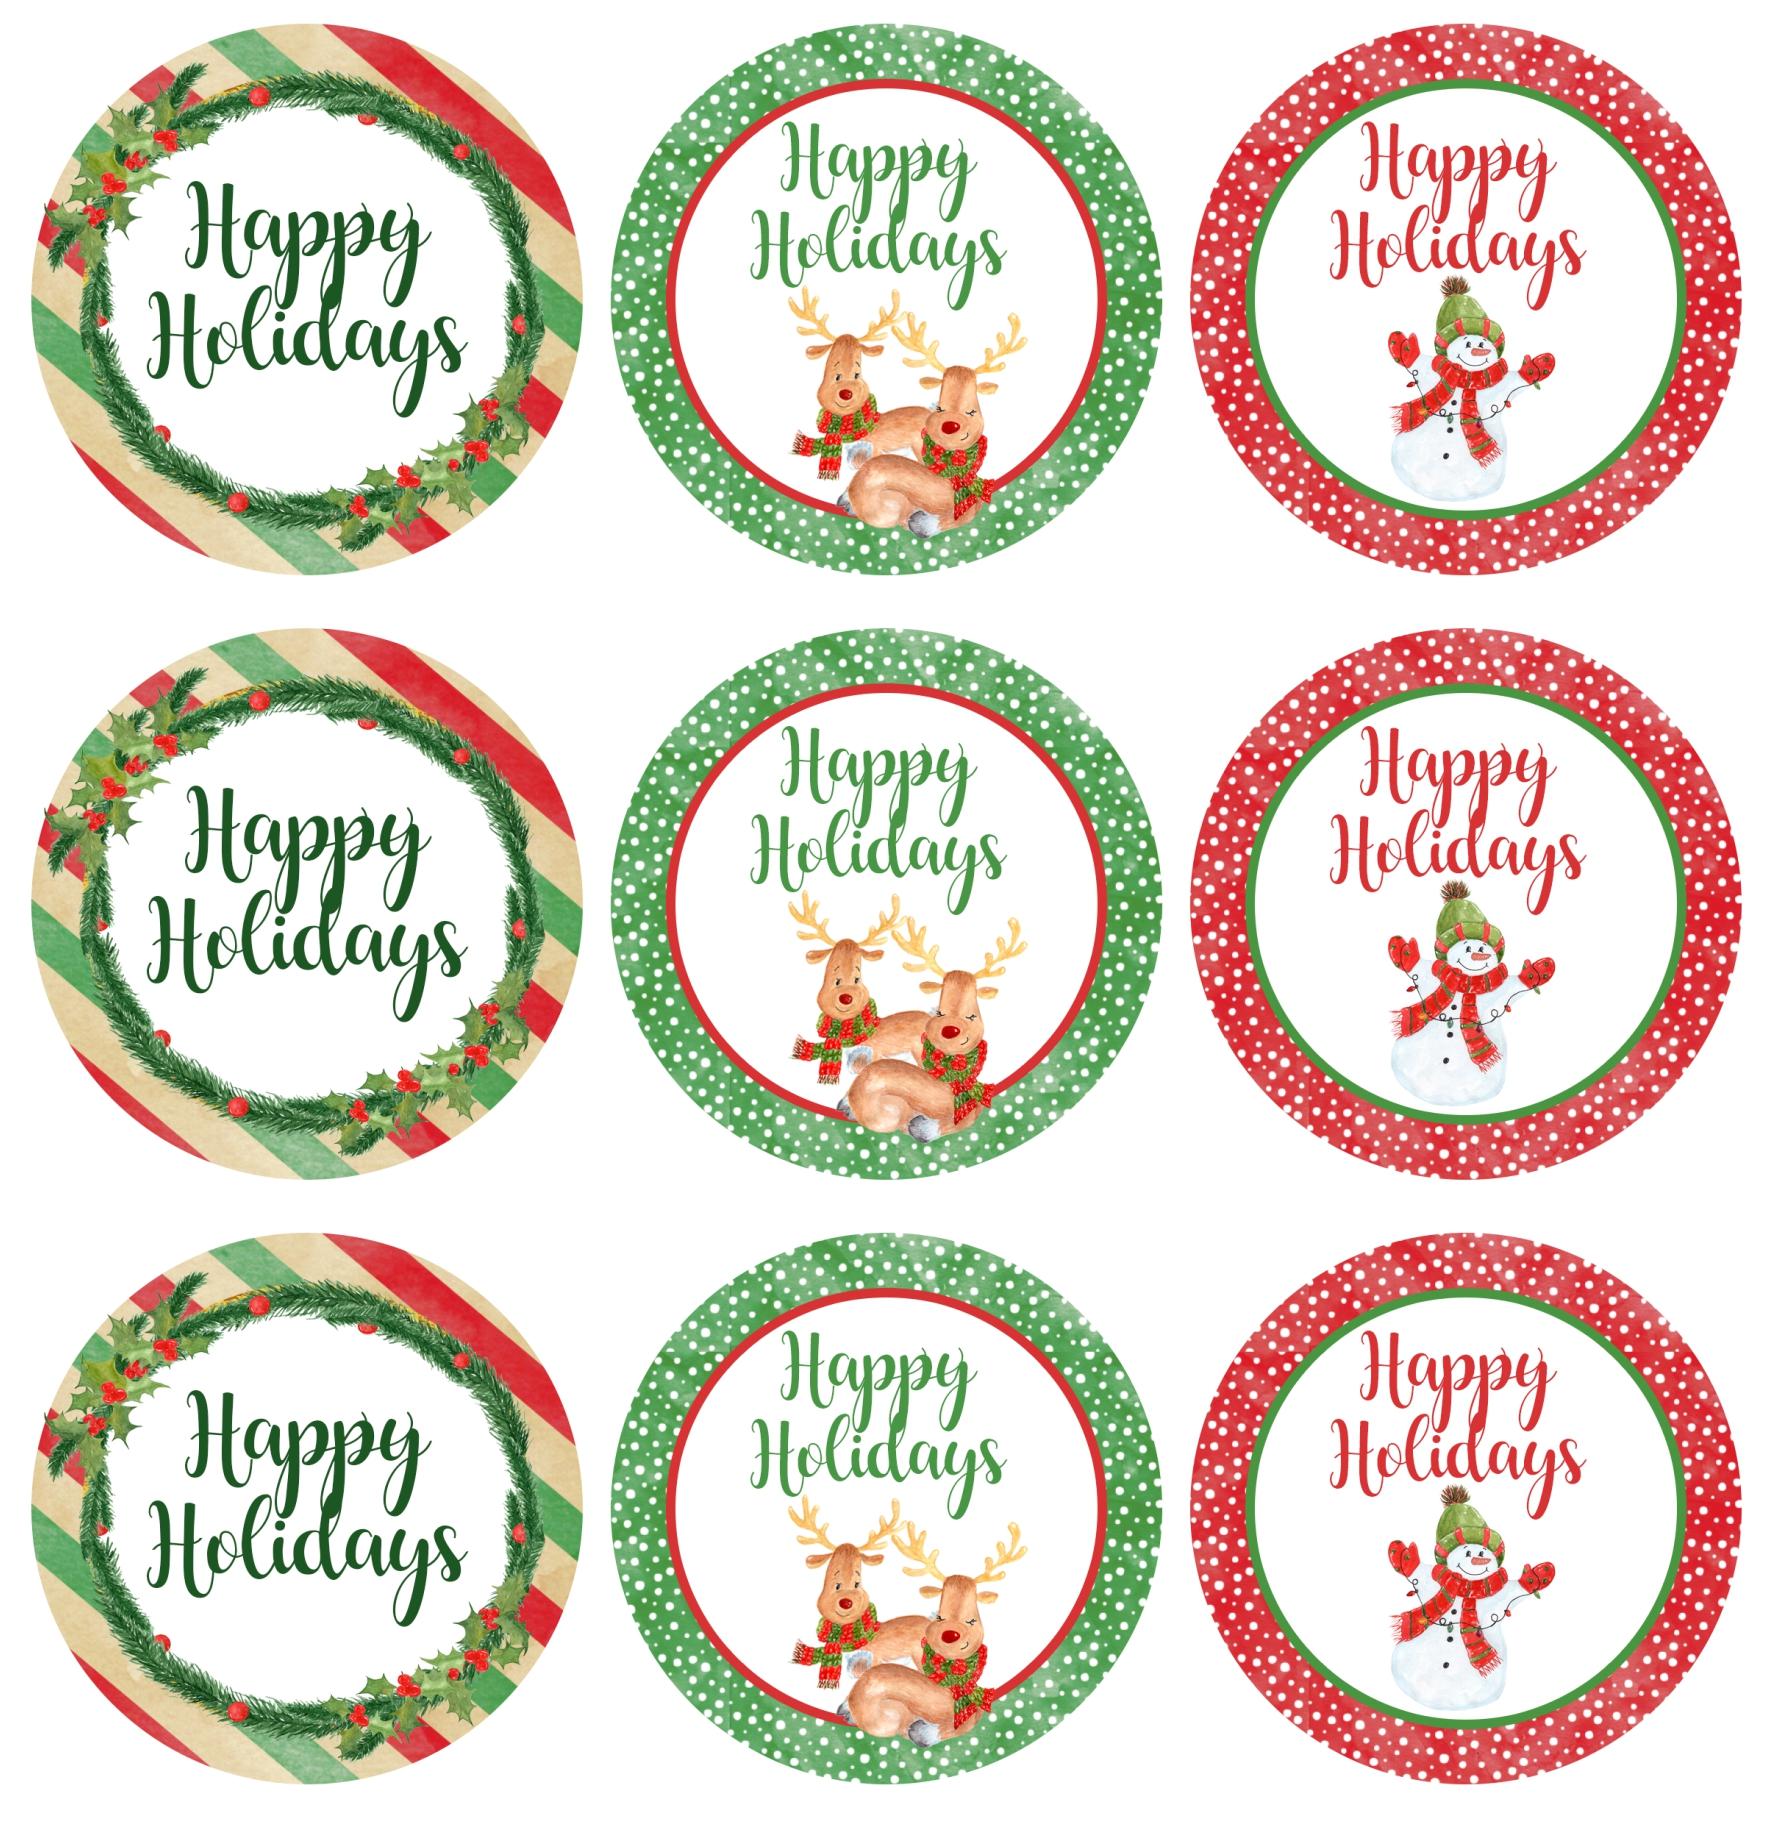 7 Images of Christmas Mason Jar Label Printable Template